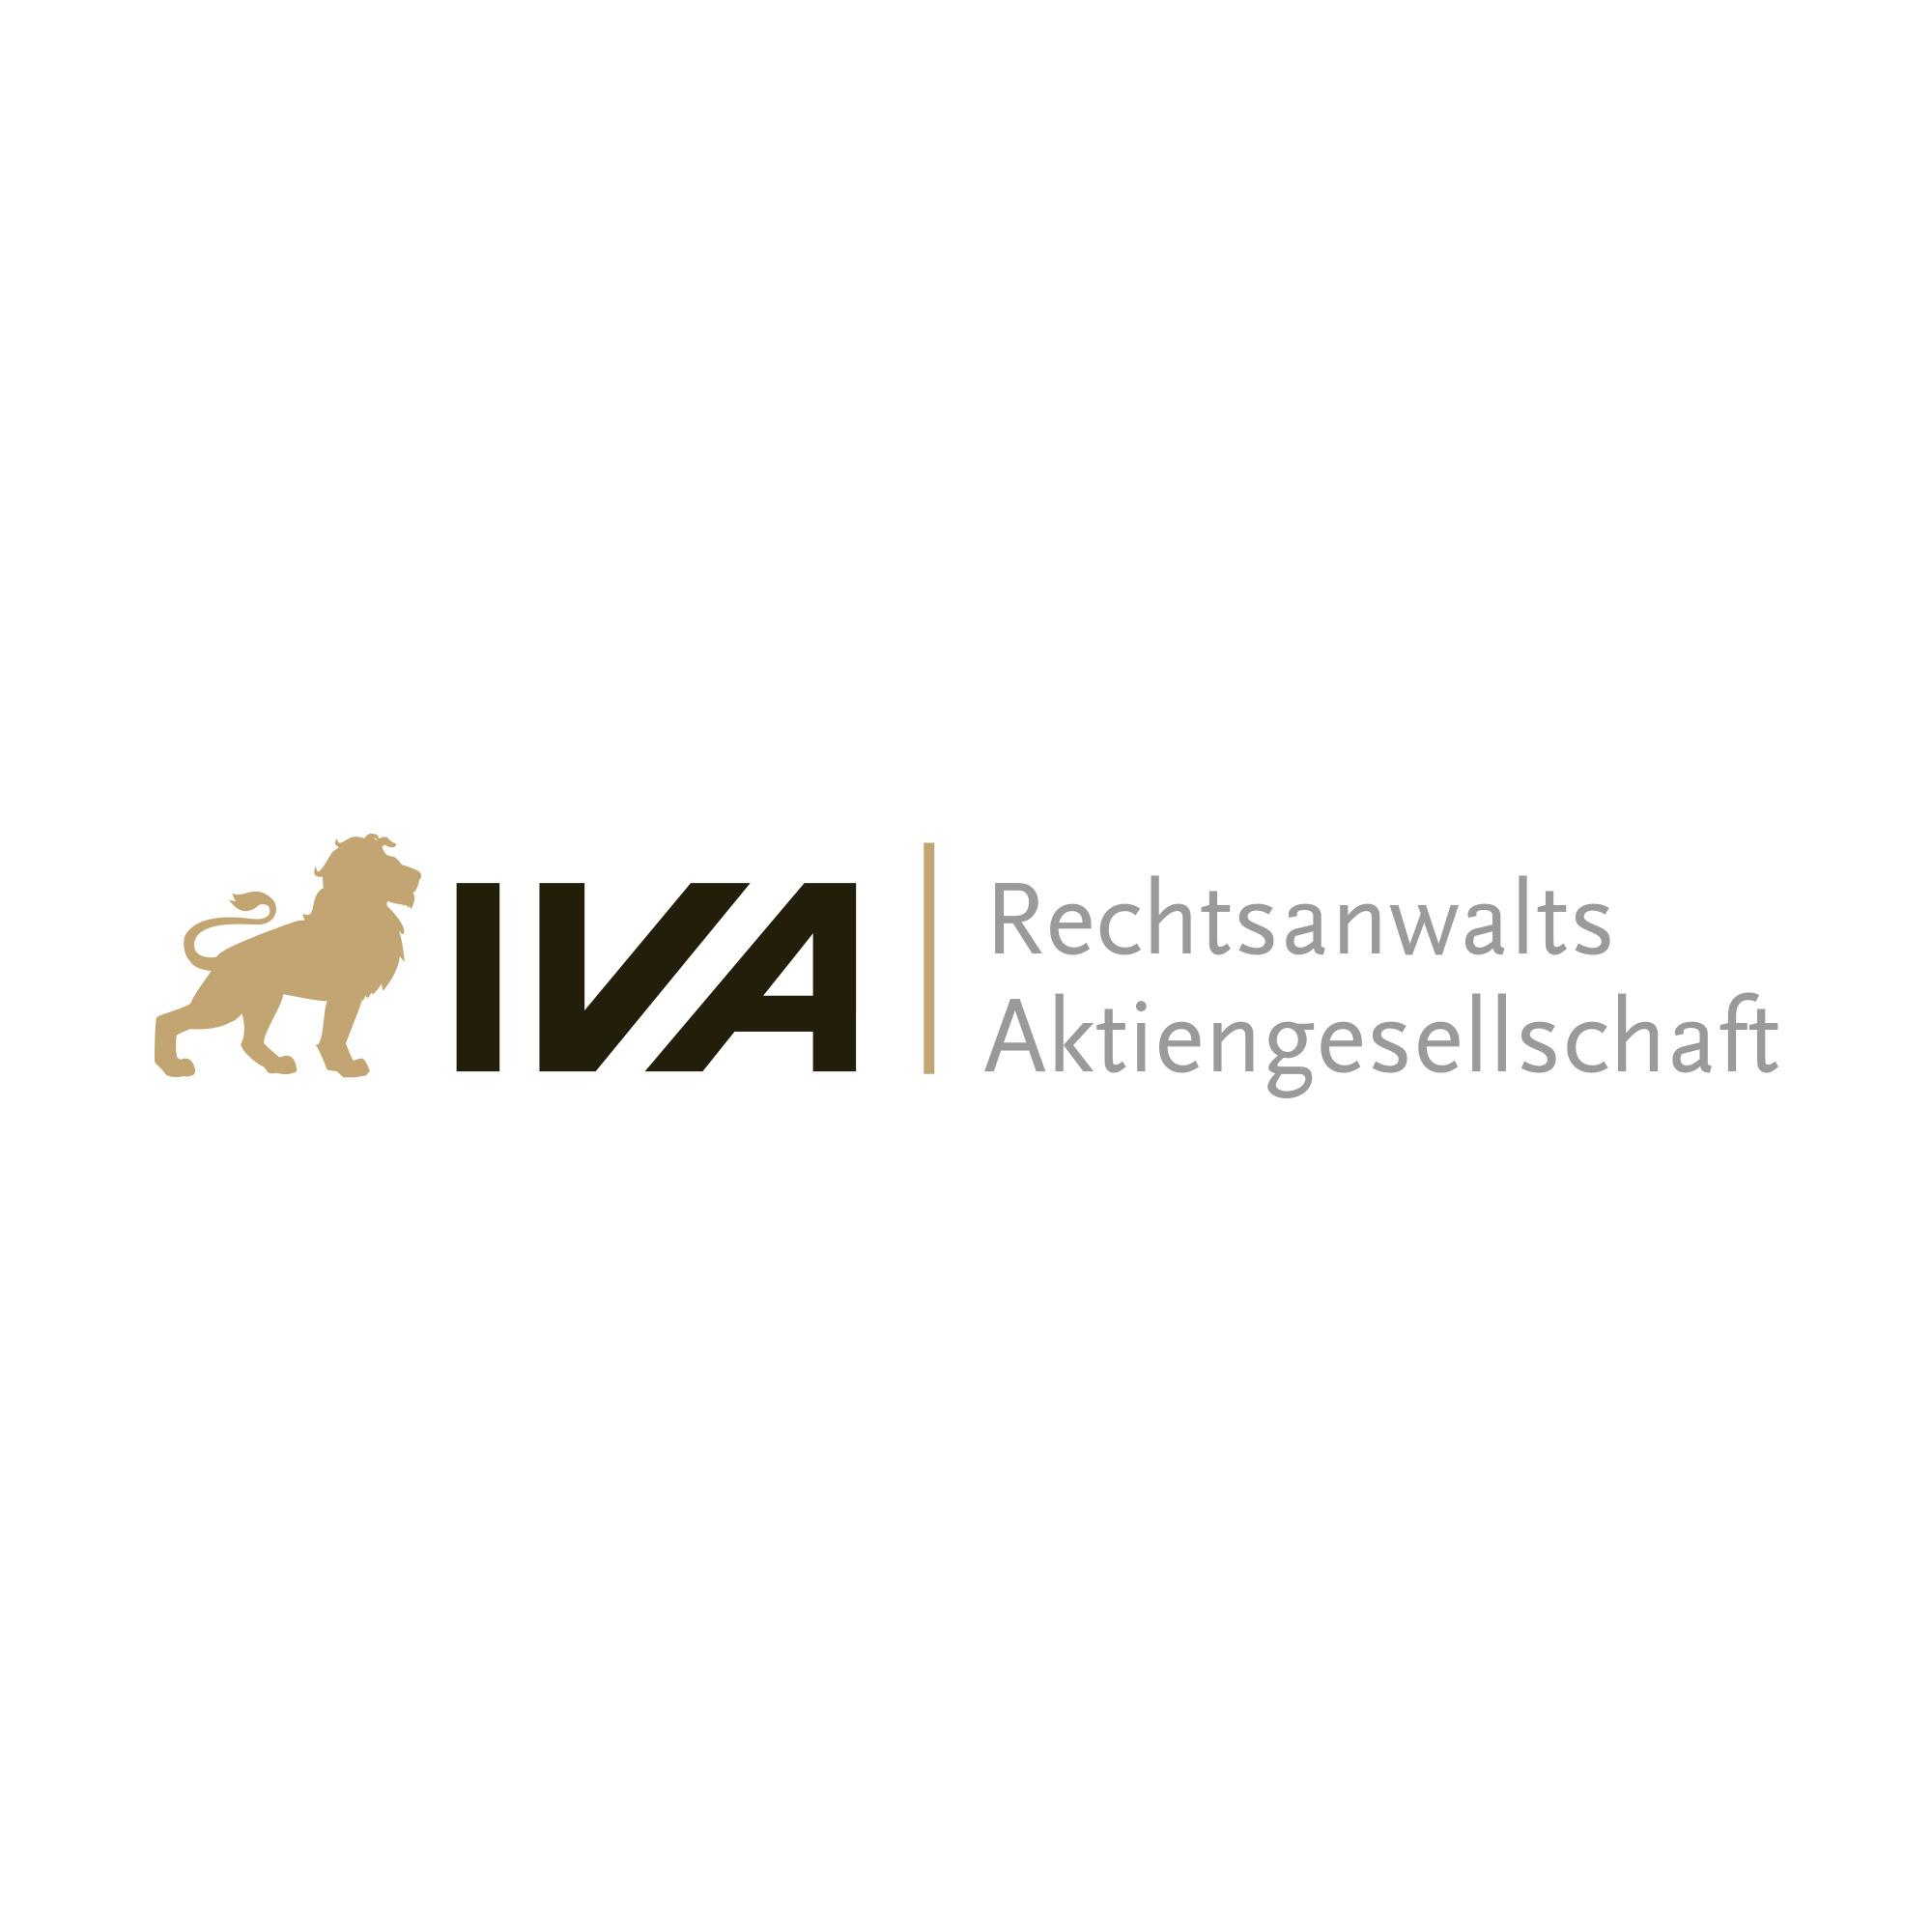 Staatsanwaltschaft Lässt Pr Gründer Heinz Roth Festnehmen Anwalt24de